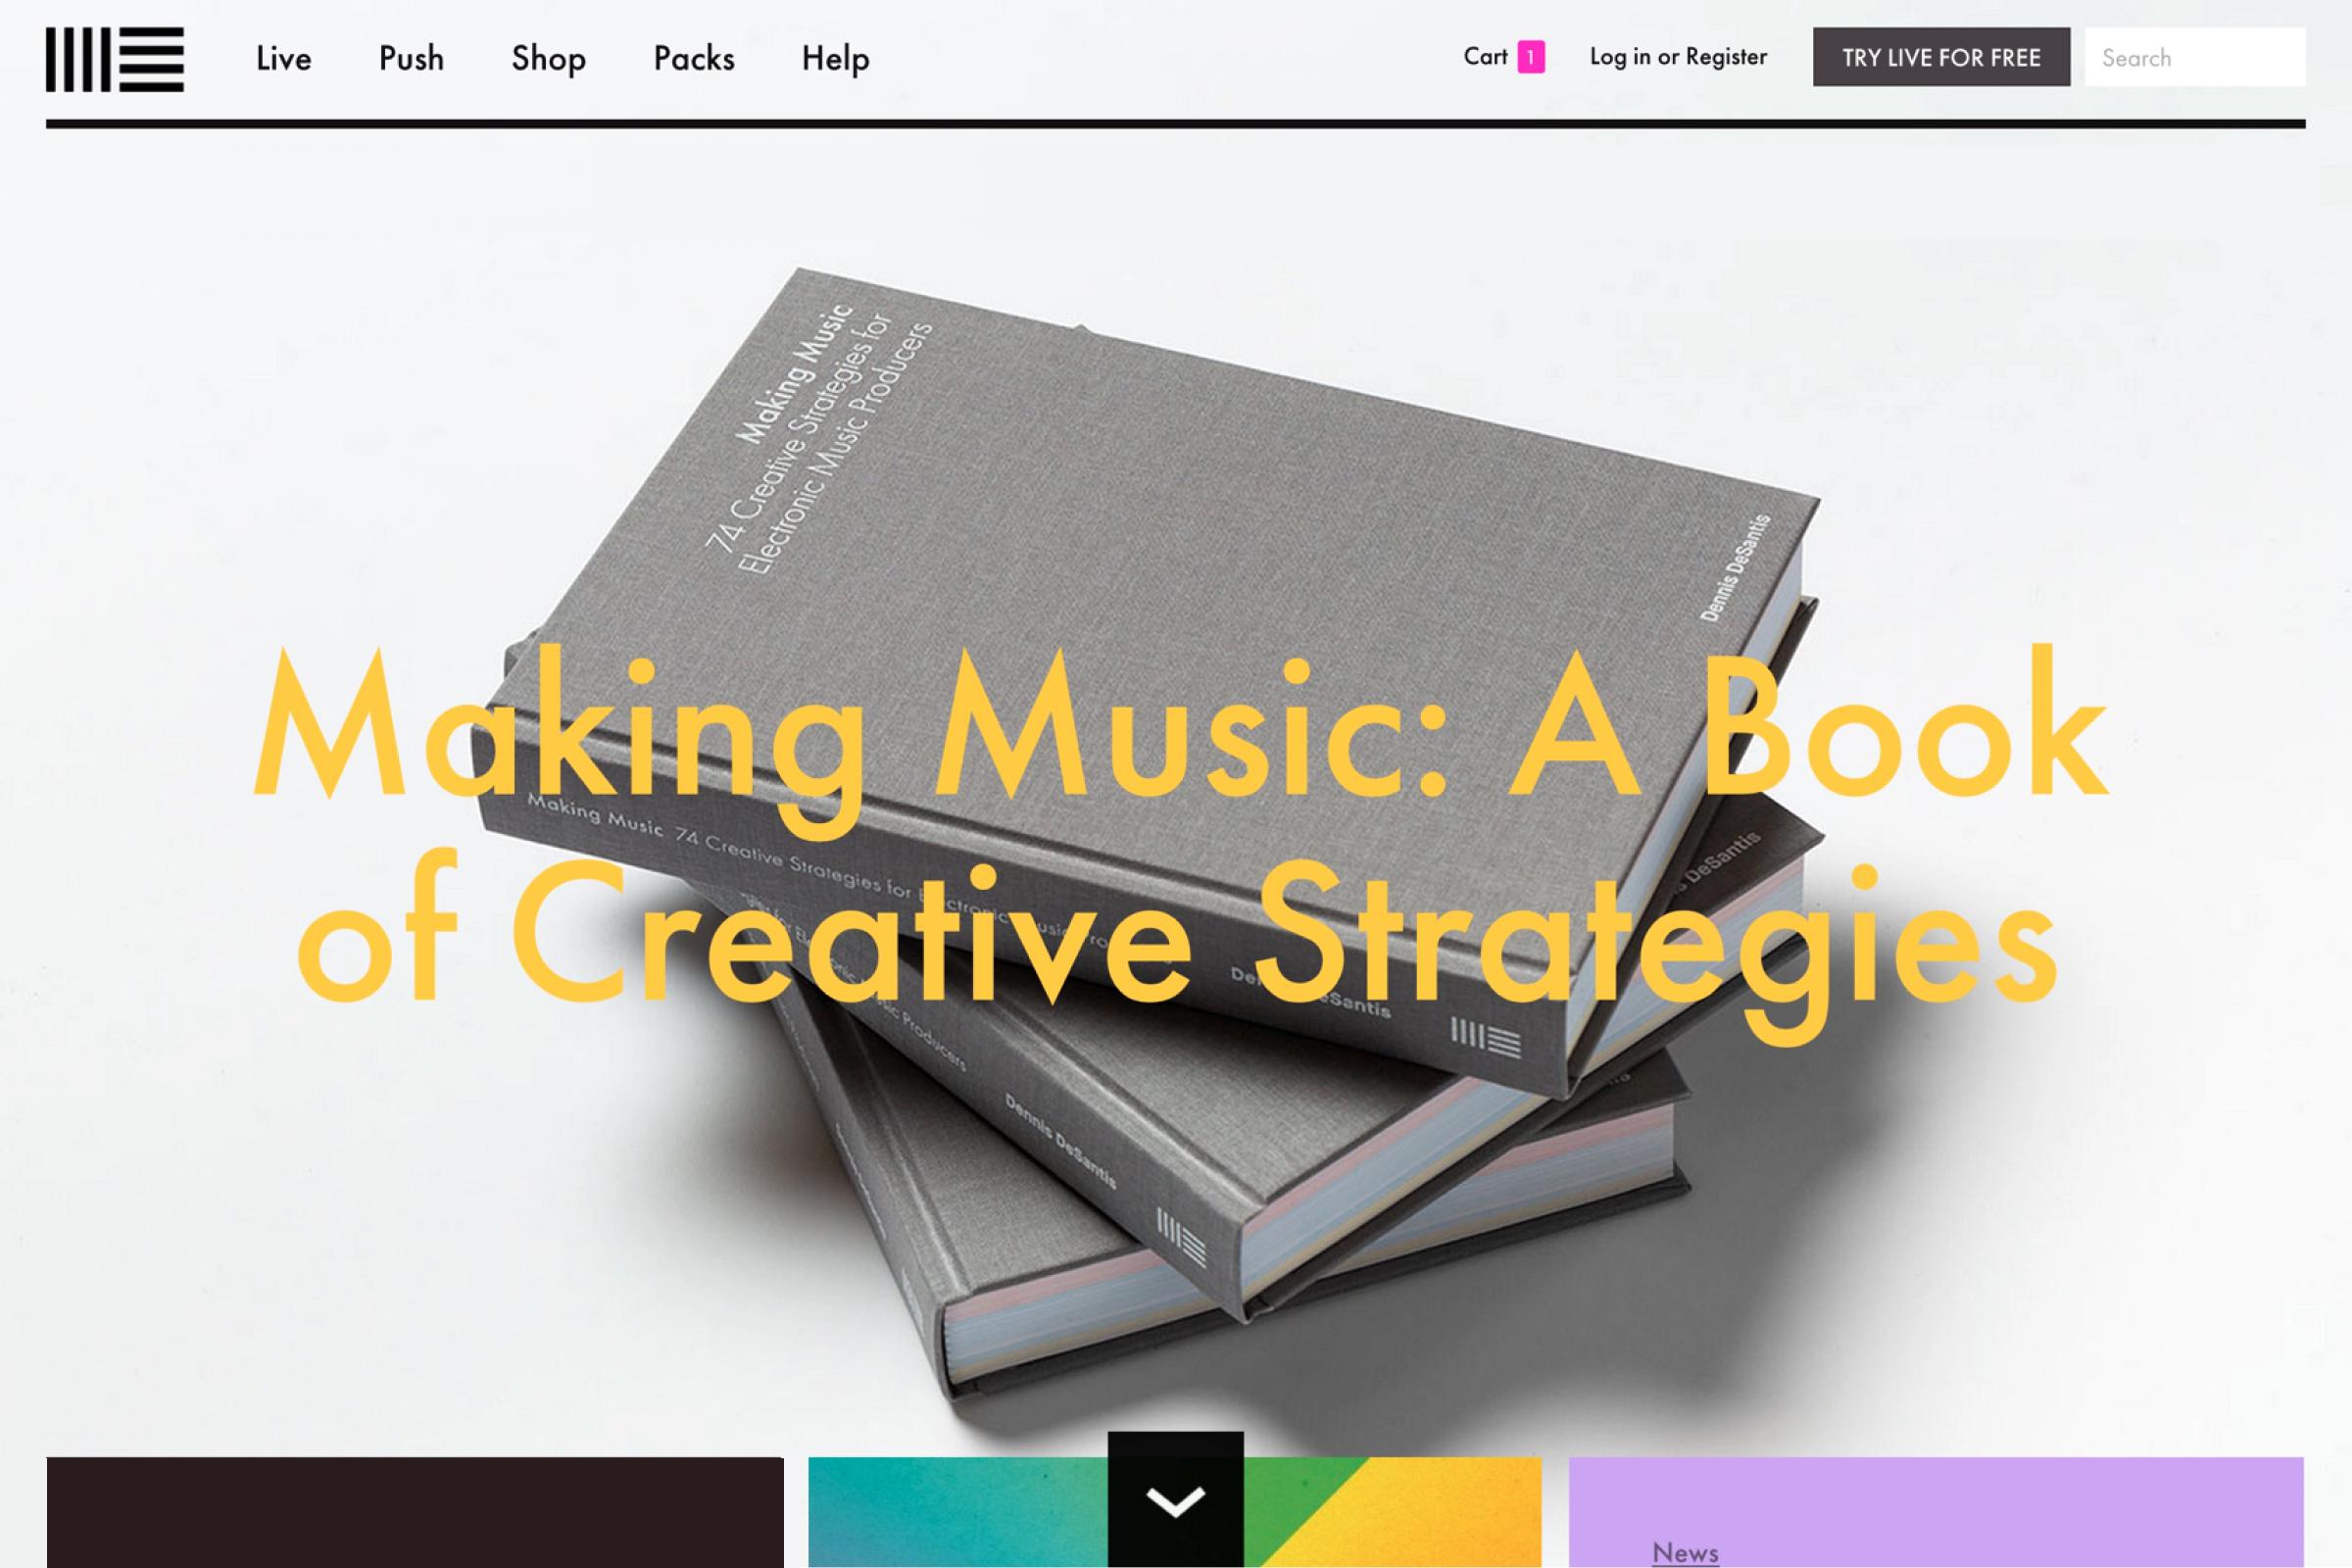 Ableton.com homepage